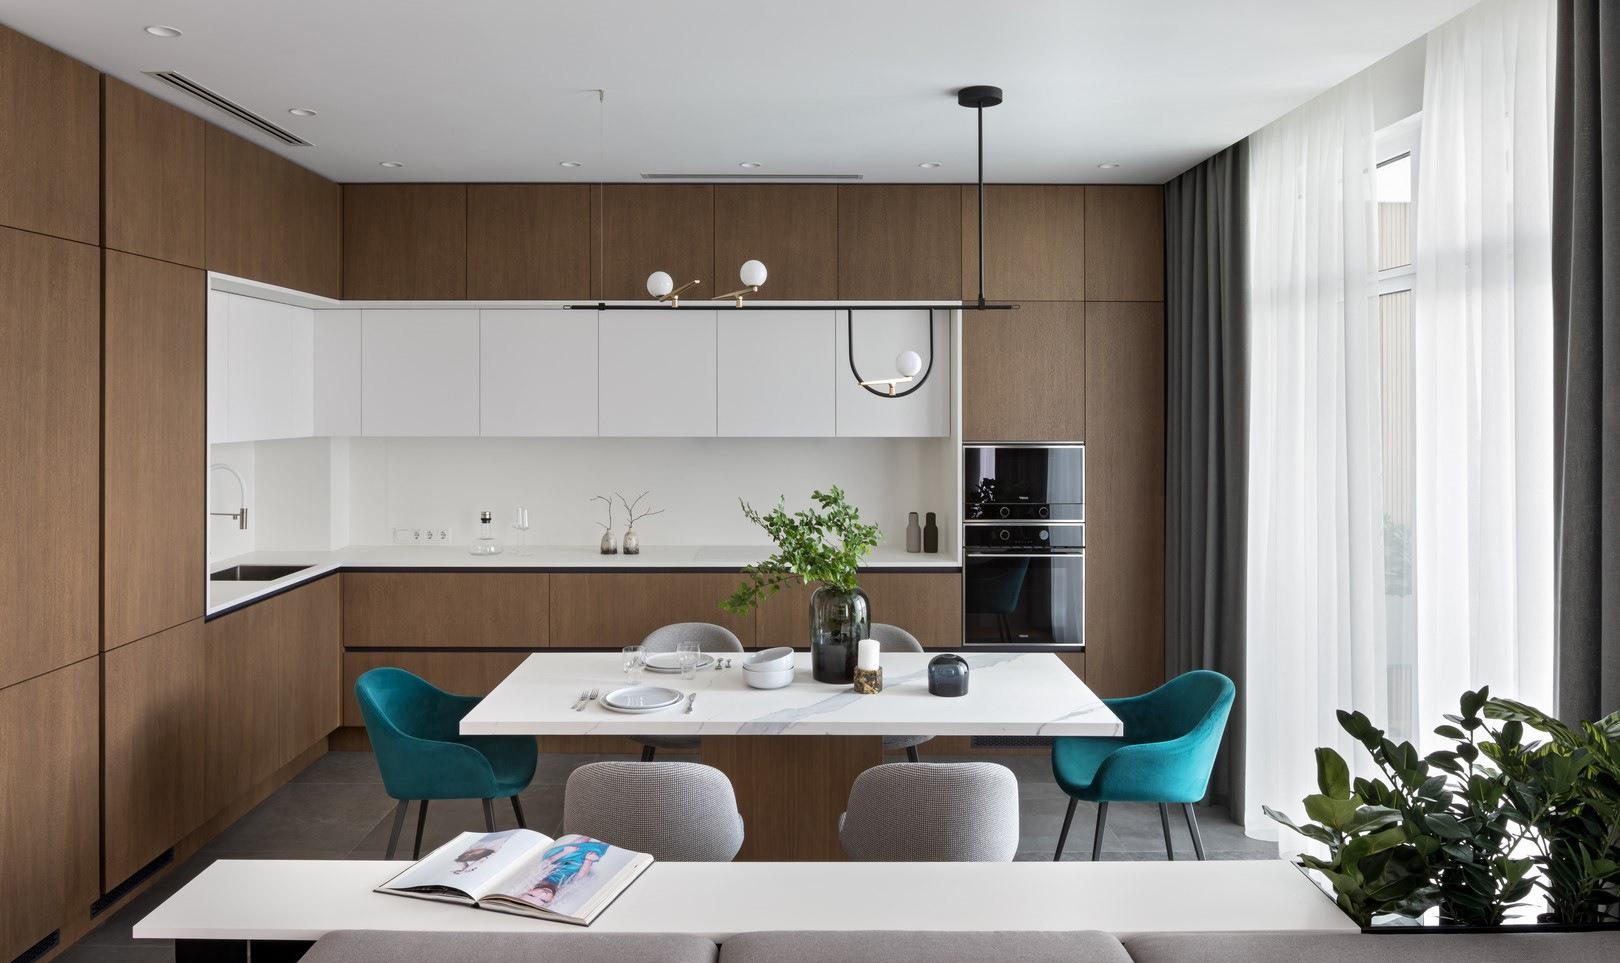 Kiến trúc sư tư vấn thiết kế nhà cấp 4 ở quê diện tích 500m² với chi phí 210 triệu đồng - Ảnh 7.